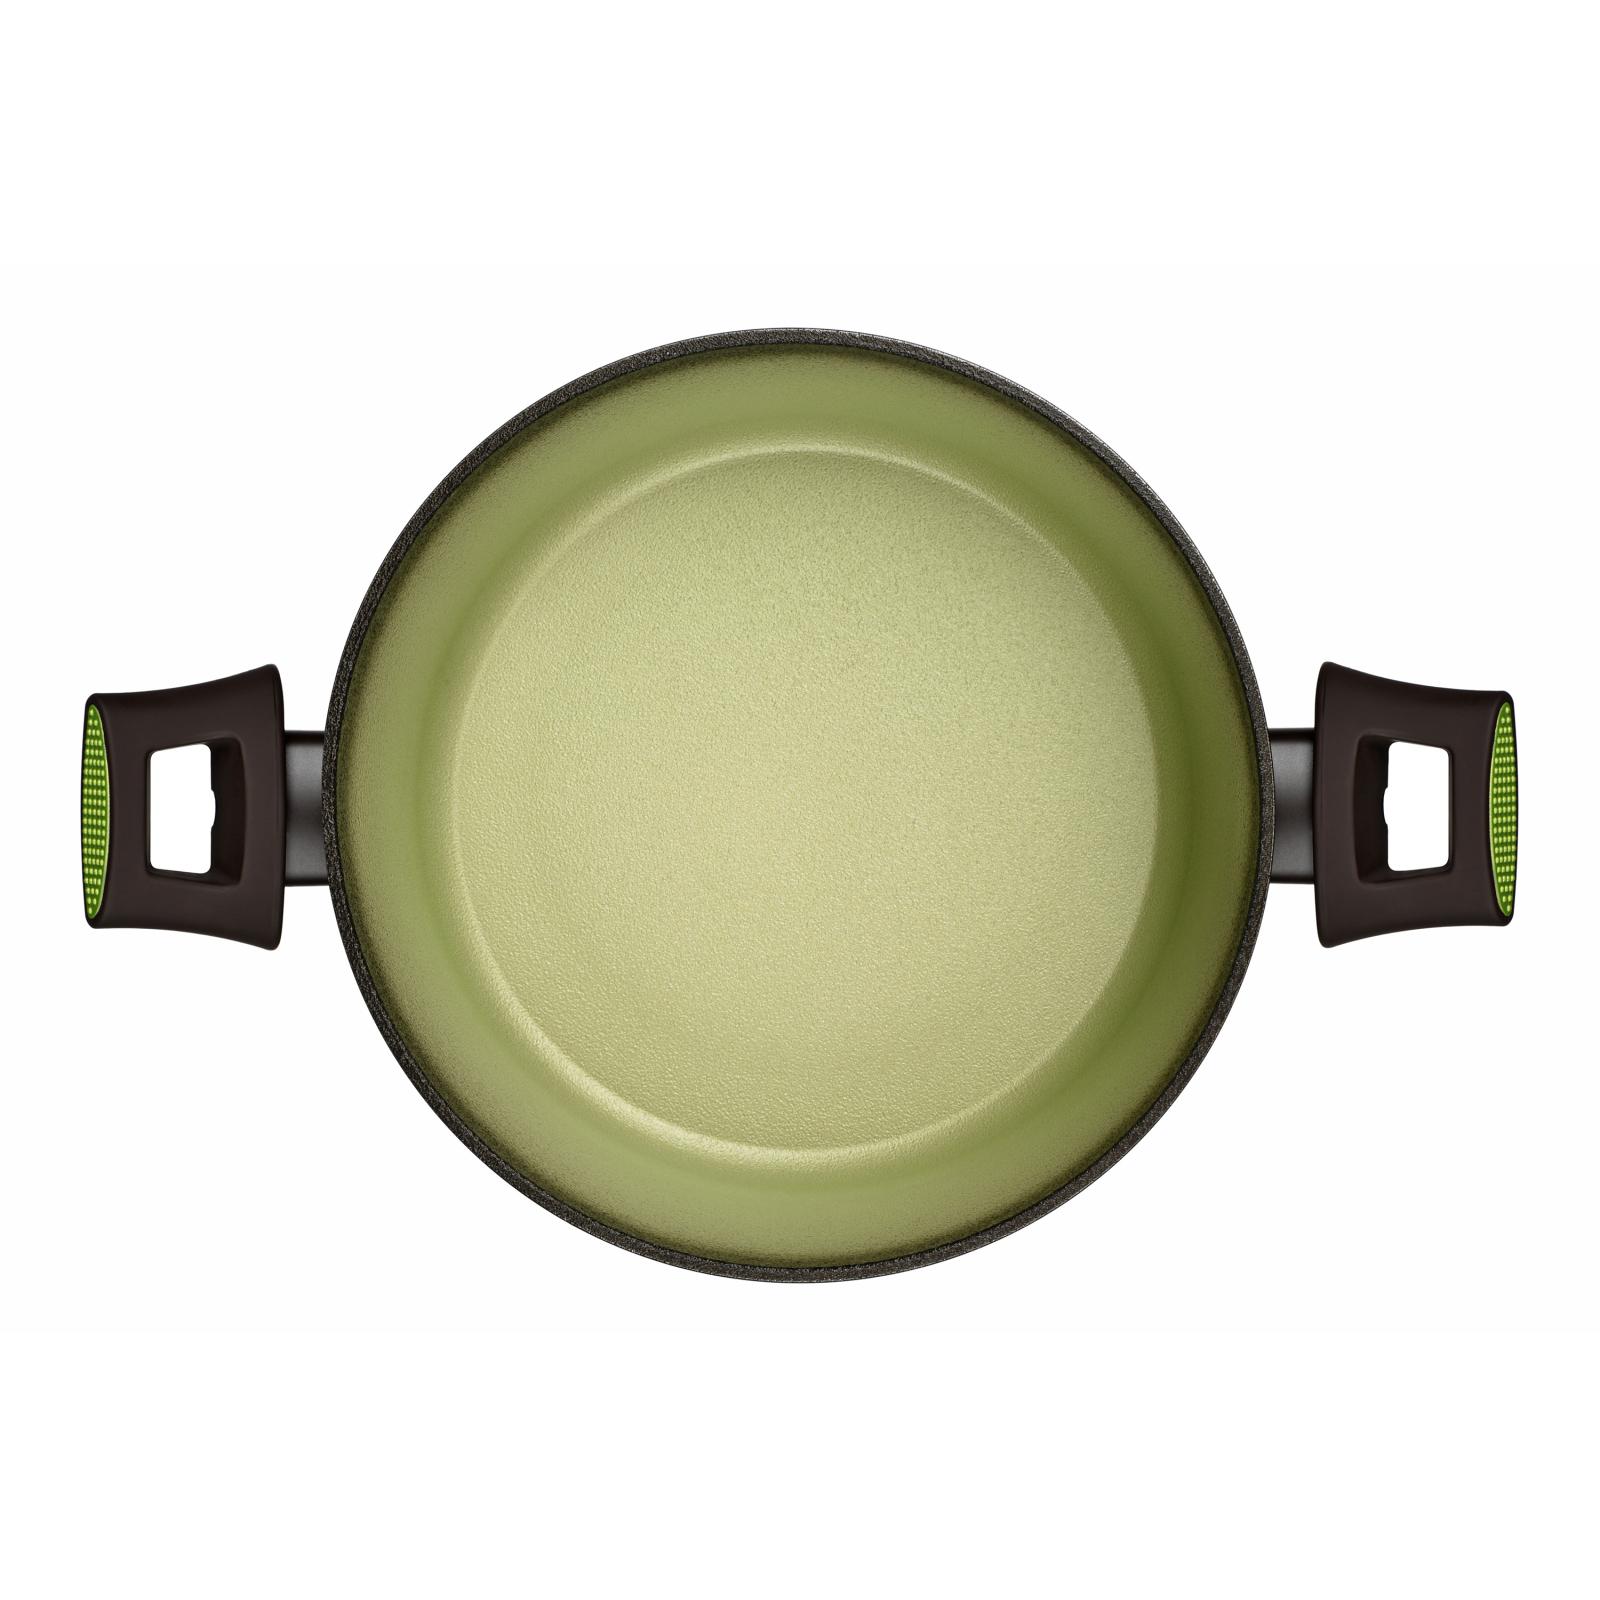 Кастрюля Ardesto Avocado с крышккой 3,5 л (AR2535CA) изображение 2